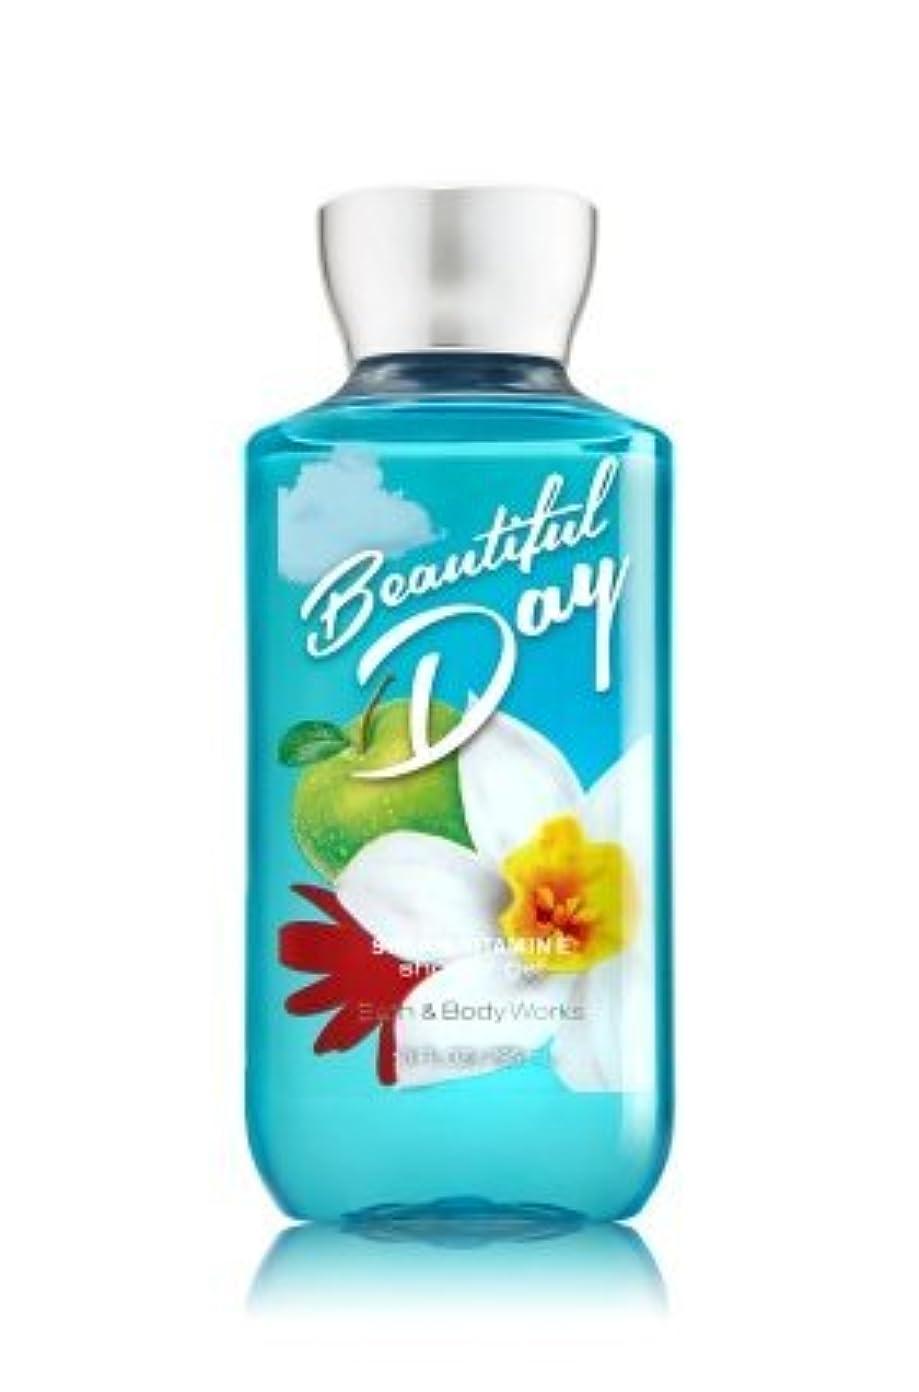 絶壁超音速汚れる【Bath&Body Works/バス&ボディワークス】 シャワージェル ビューティフルデイ Shower Gel Beautiful Day 10 fl oz / 295 mL [並行輸入品]